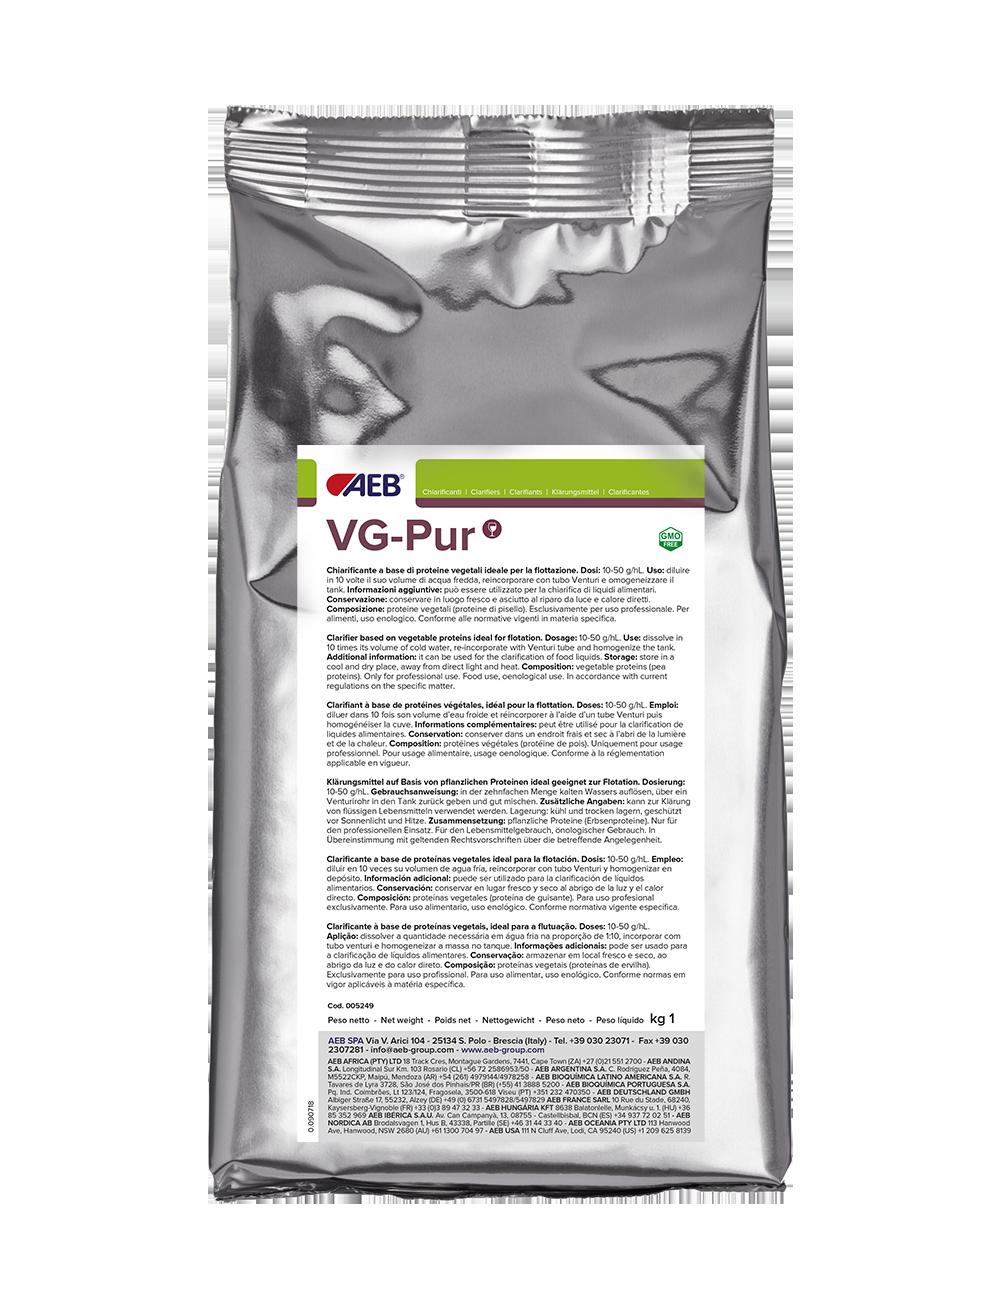 VG-Pur